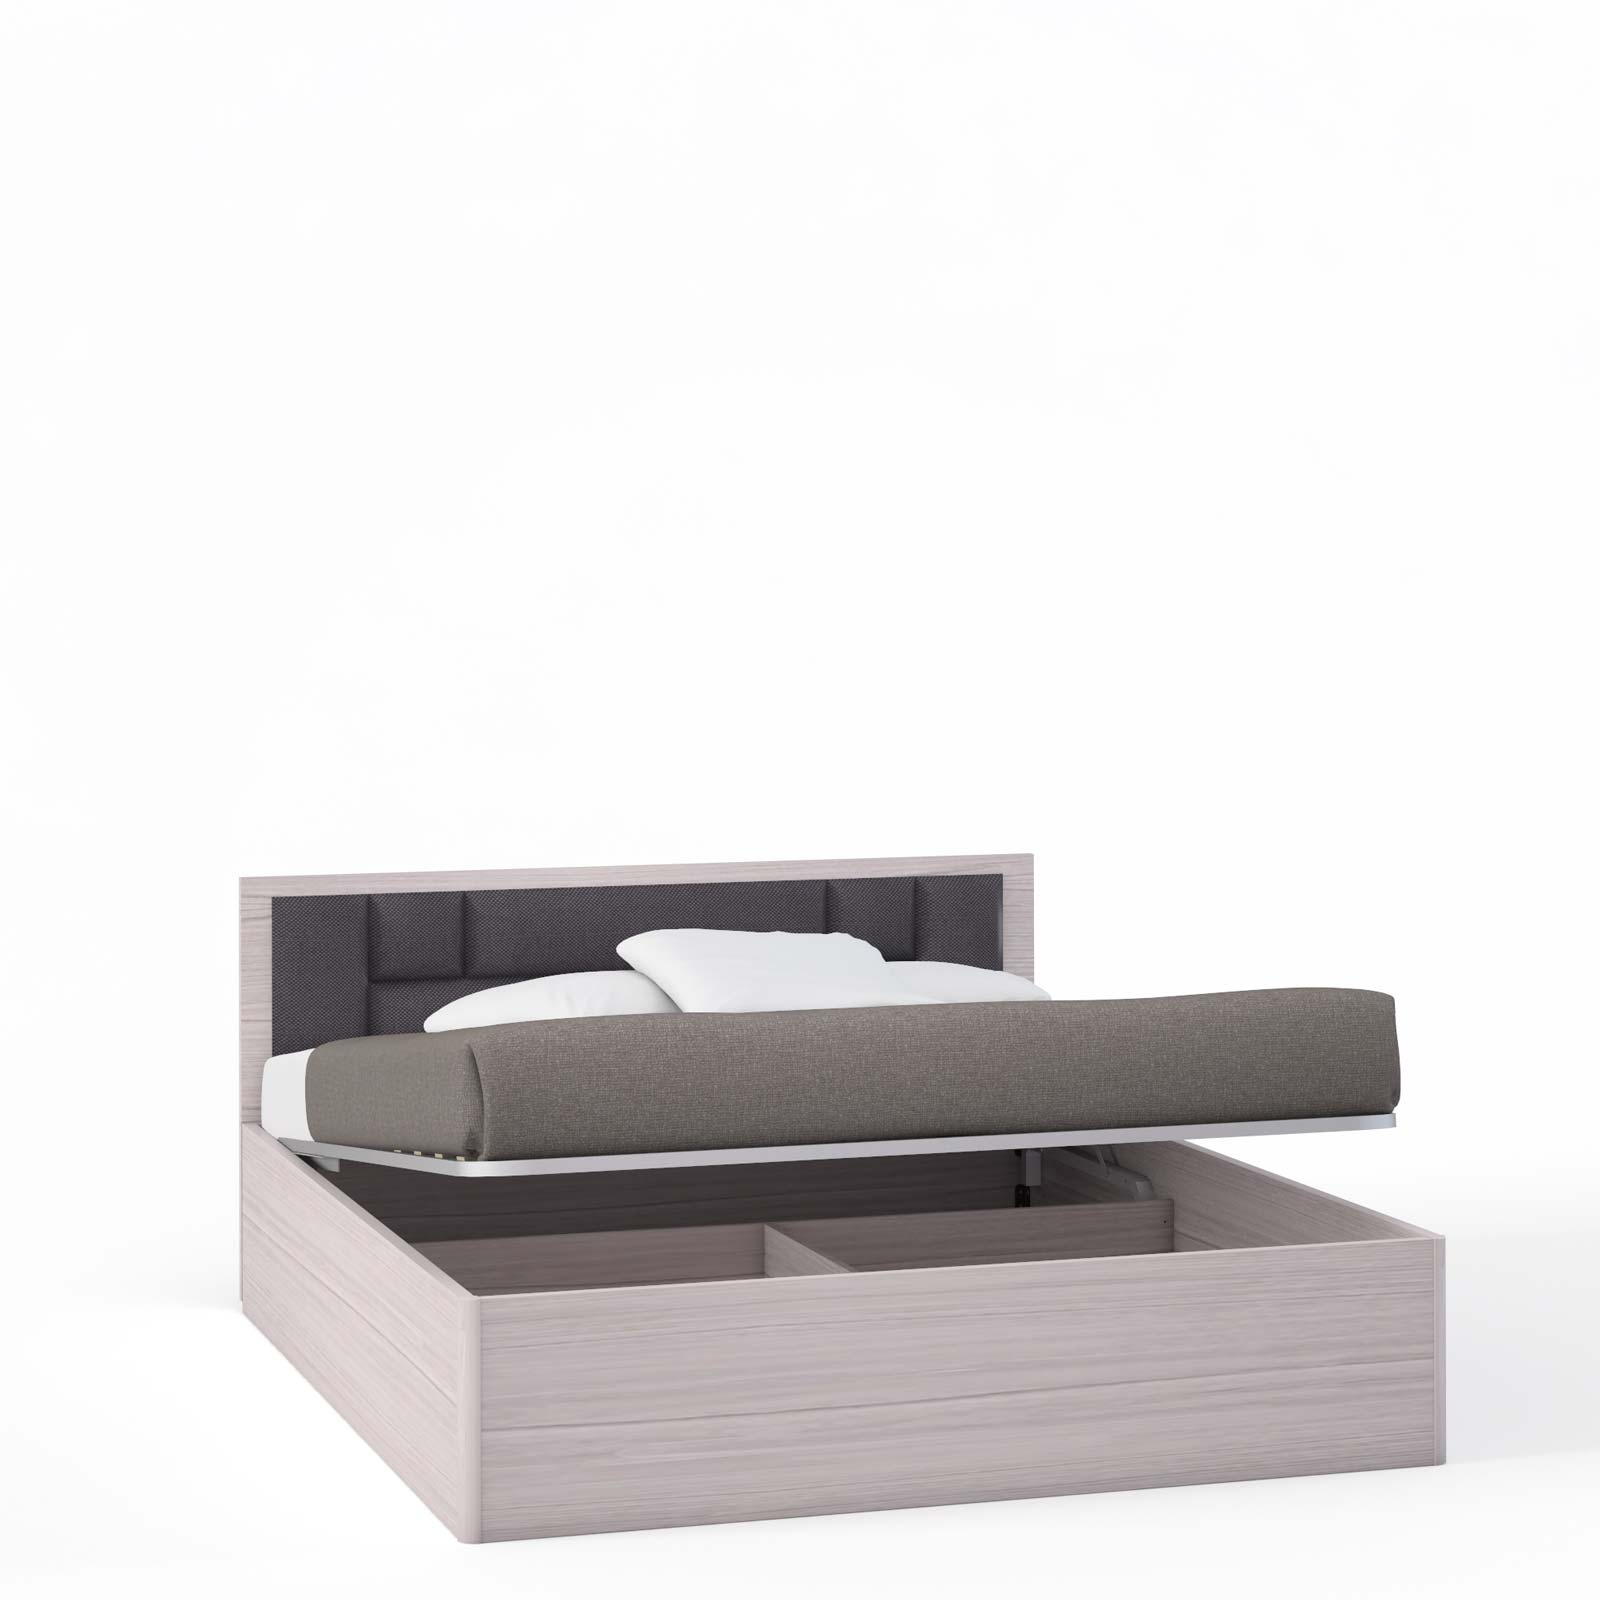 Спальня Rimini Mokko Кровать 2 сп. с п/м, мягк.изг.шоко (1800) - 5509